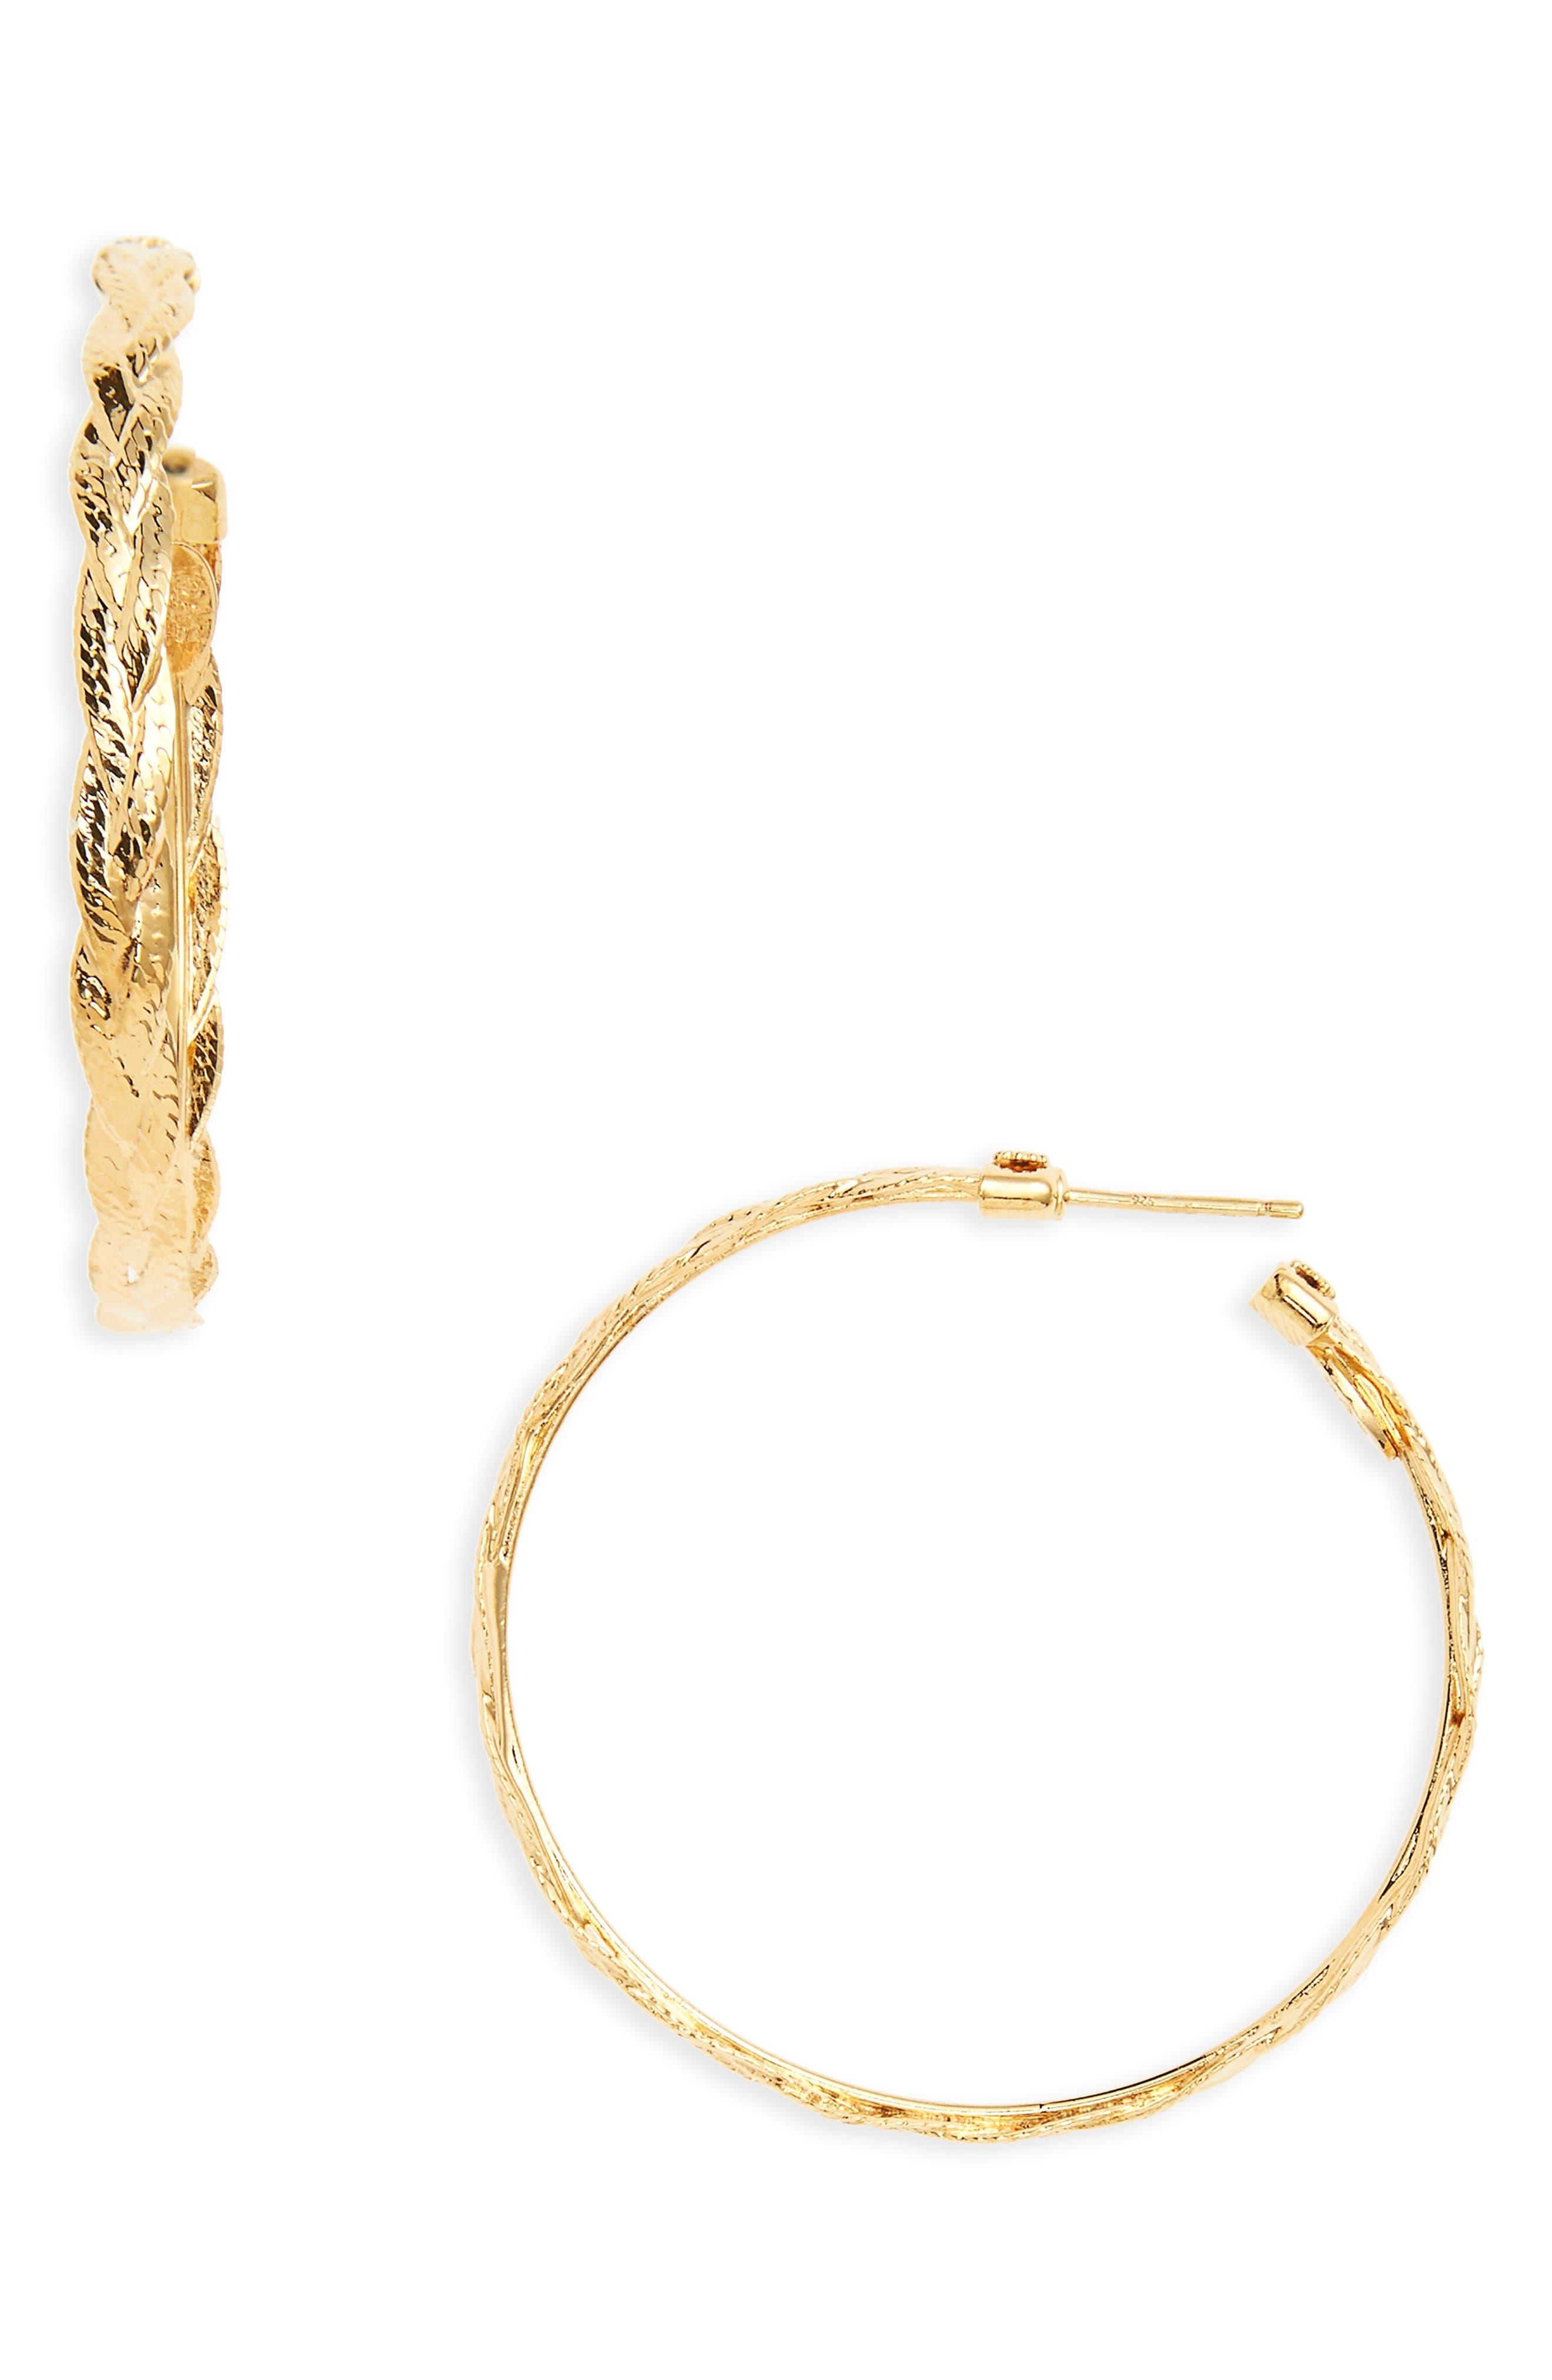 Medium Tresse Hoop Earrings,                             Main thumbnail 1, color,                             Gold